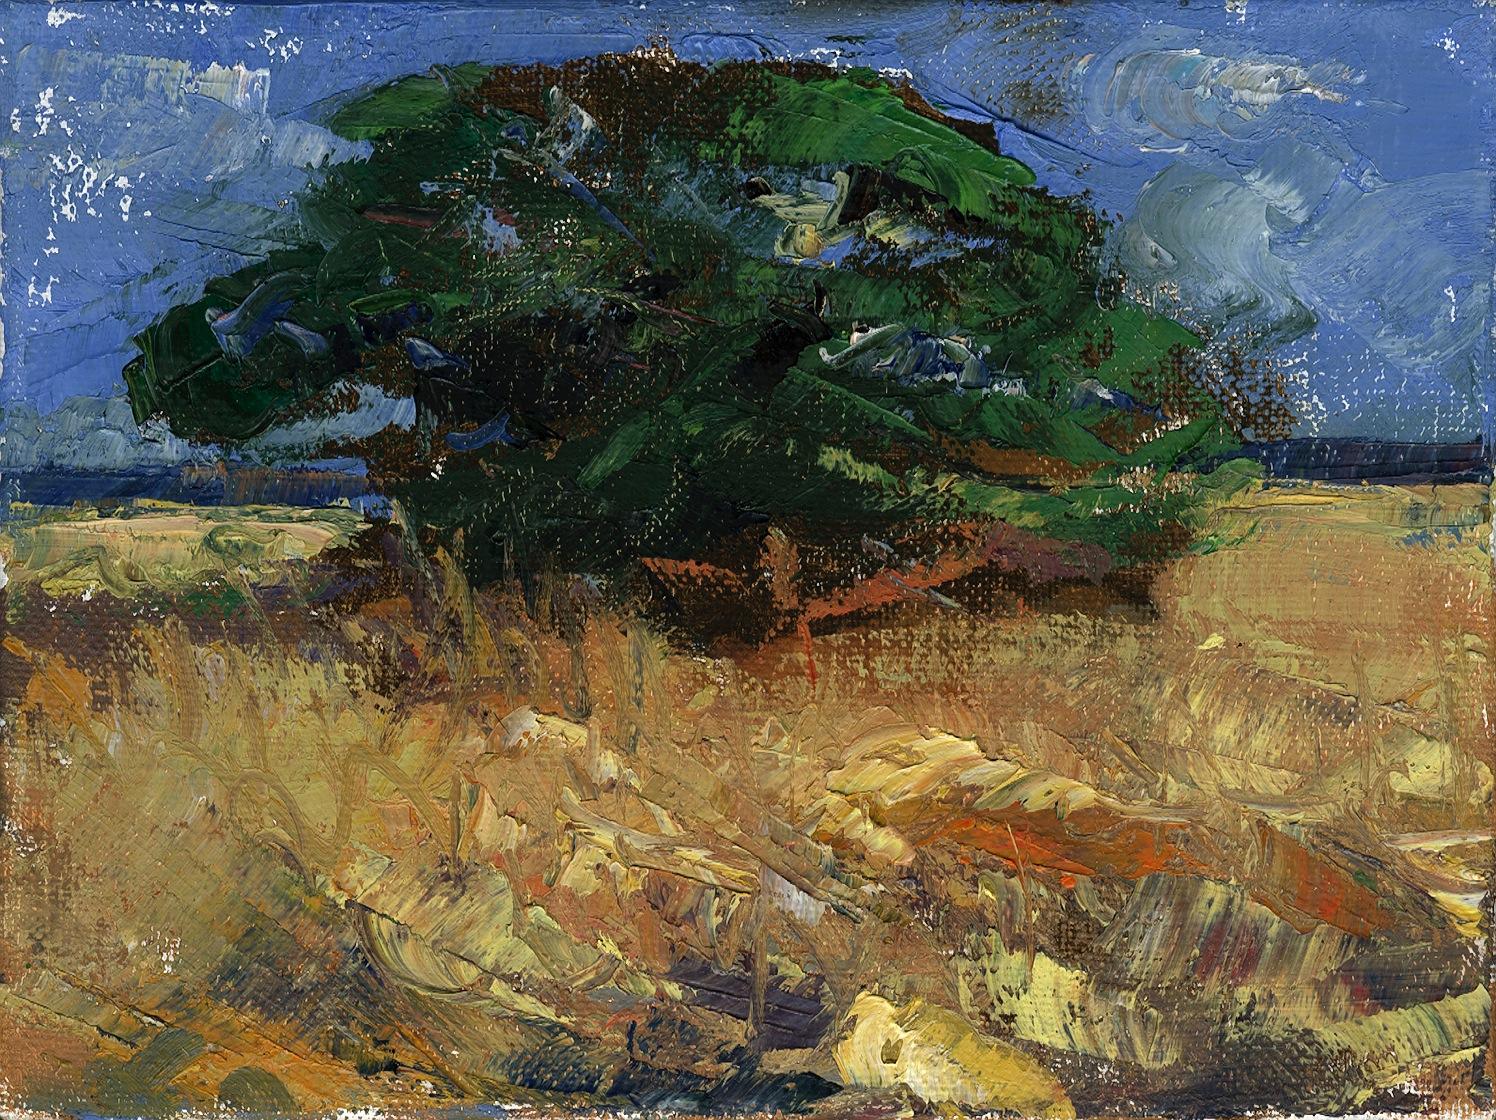 Myakka Tree